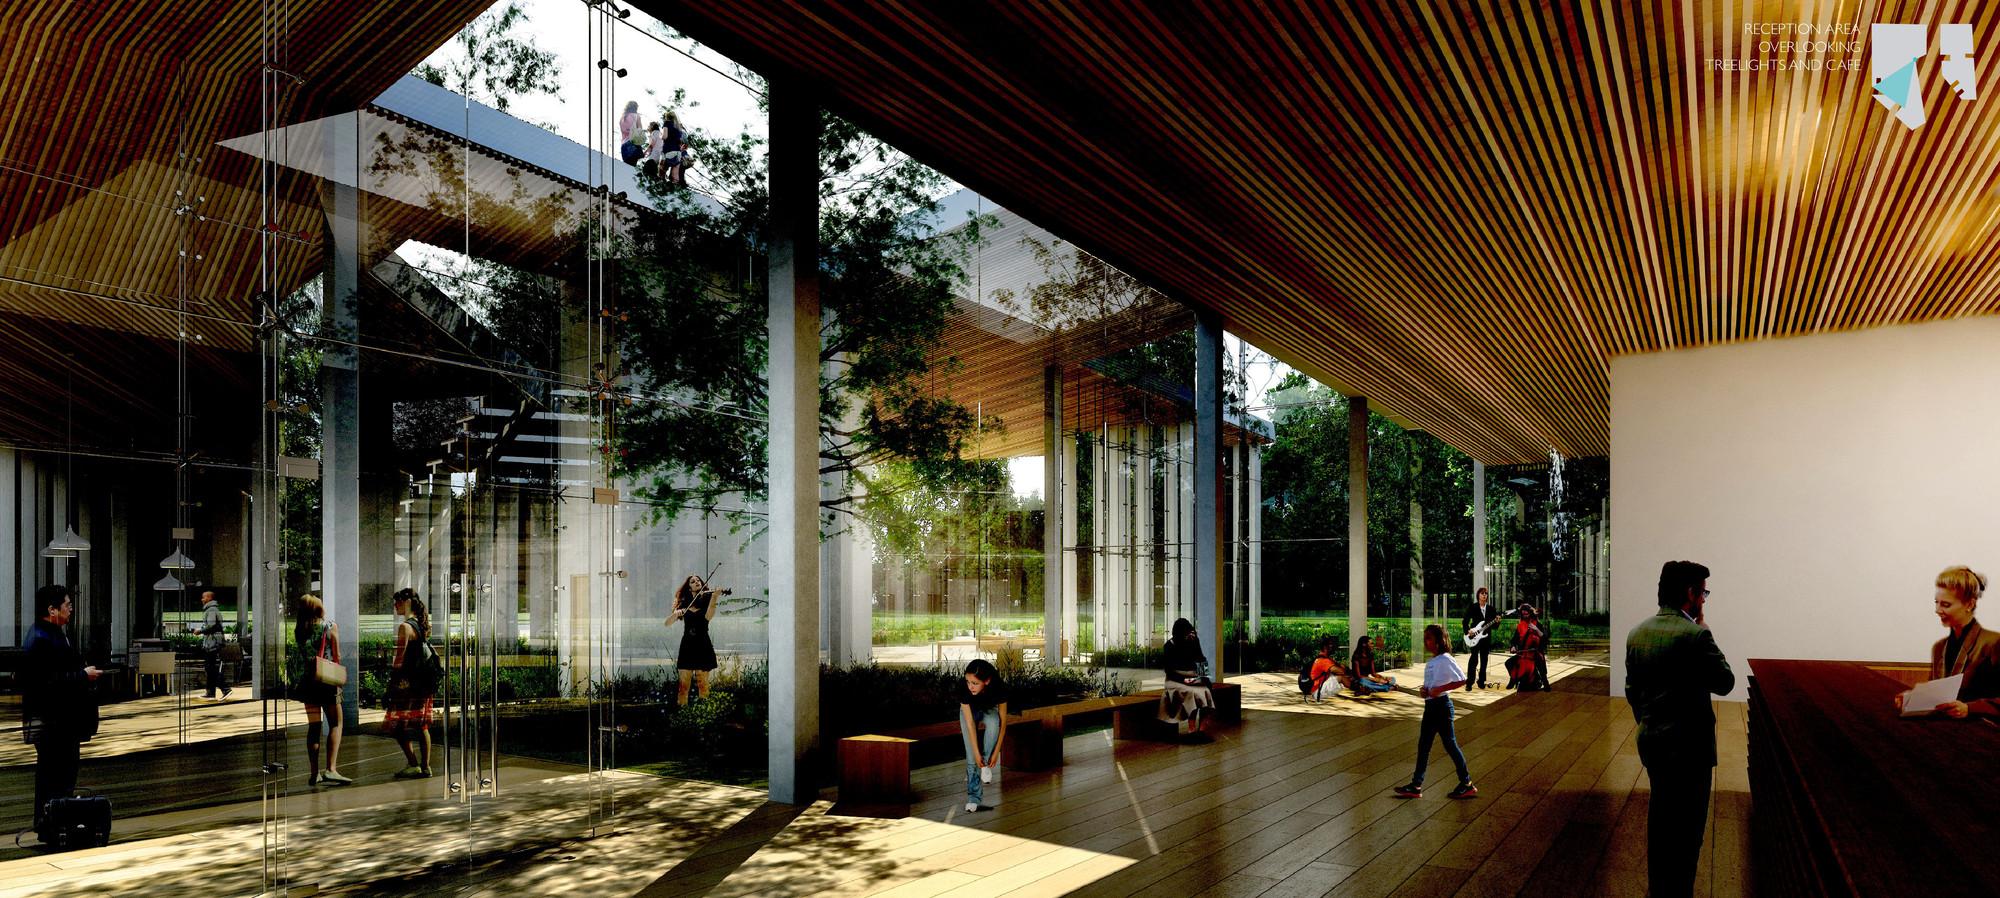 Área de recepción. Imágen © Kengo Kuma and Associates